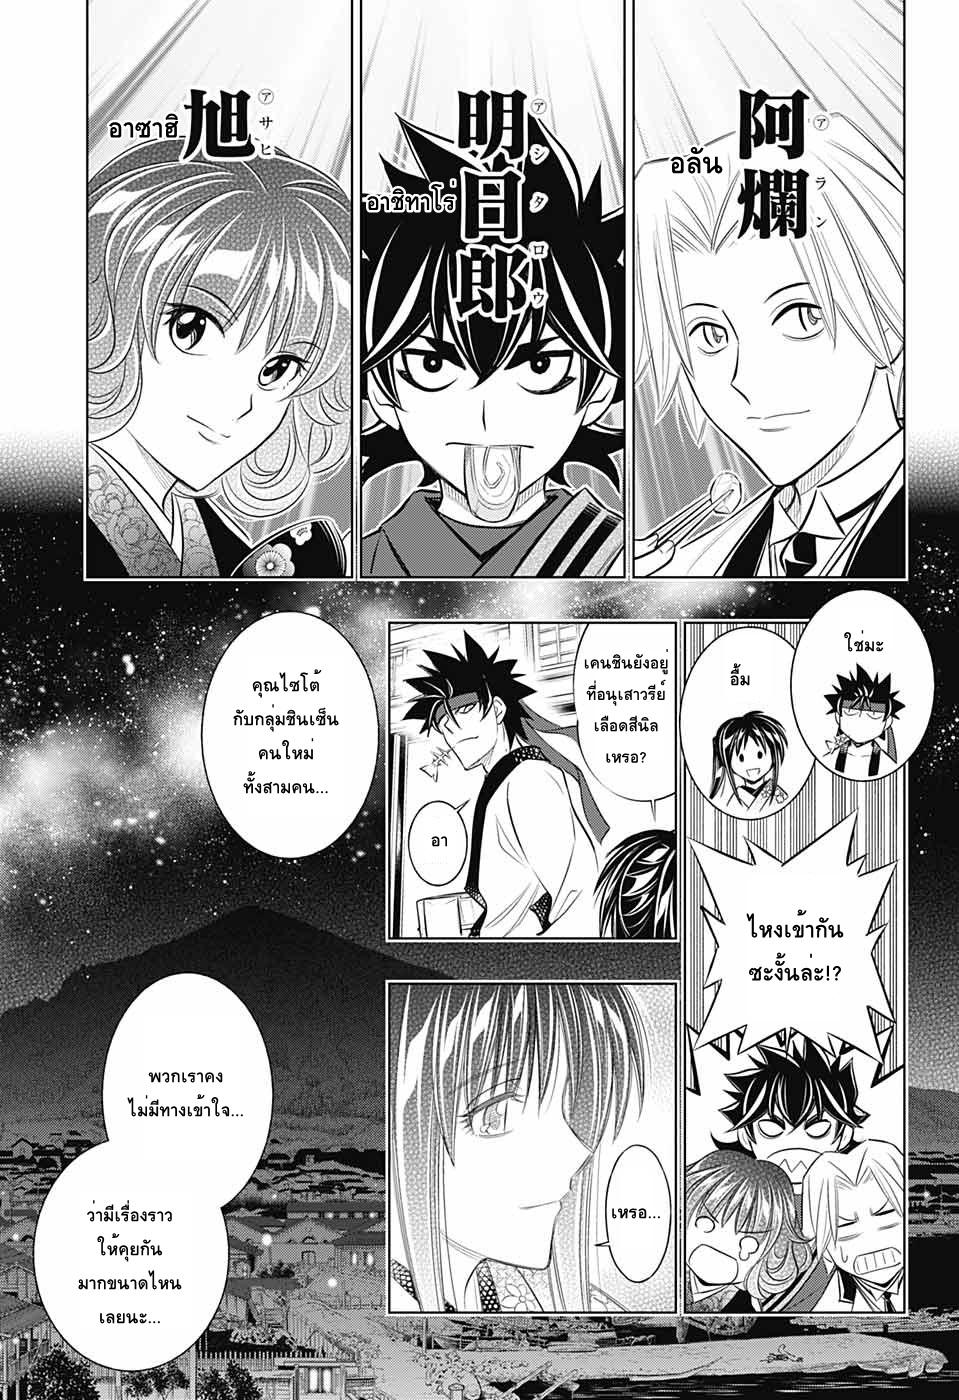 อ่านการ์ตูน Rurouni Kenshin: Hokkaido Arc ตอนที่ 15 หน้าที่ 10